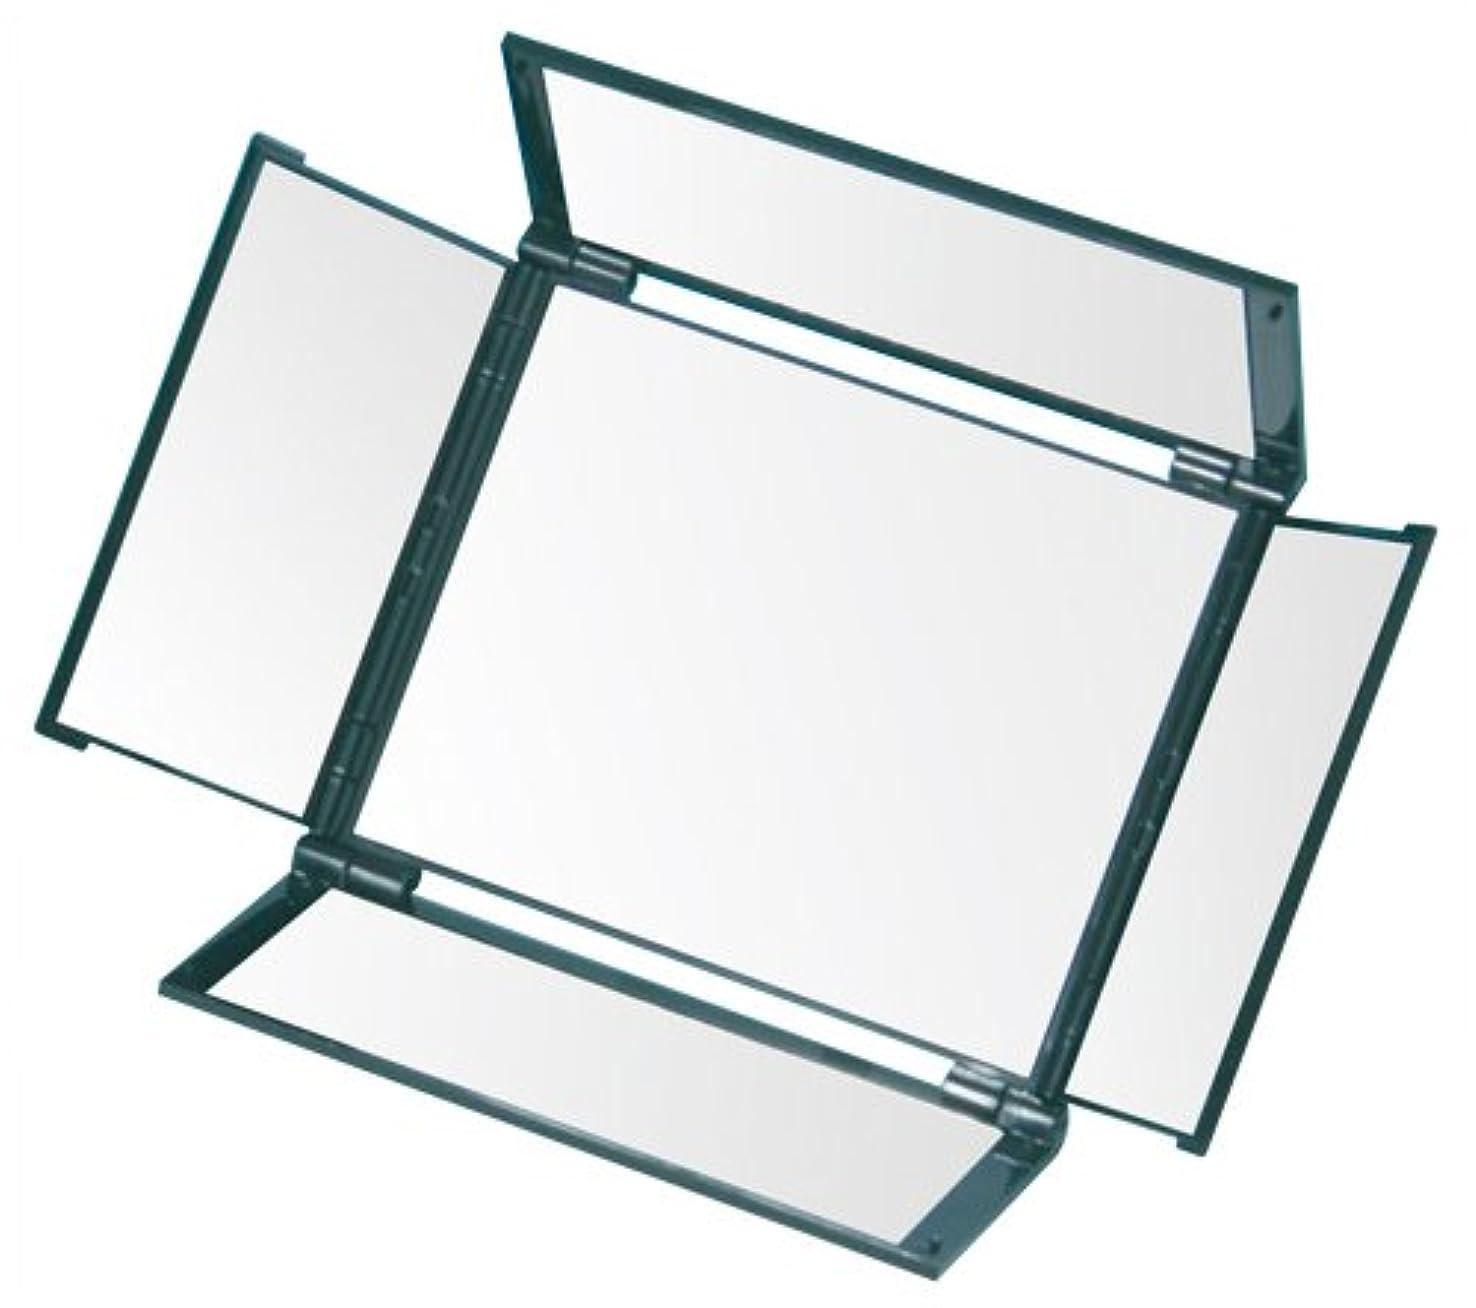 いじめっ子焦がす建設オールラウンドミラー(5面鏡) HA-5 メタリックブラック